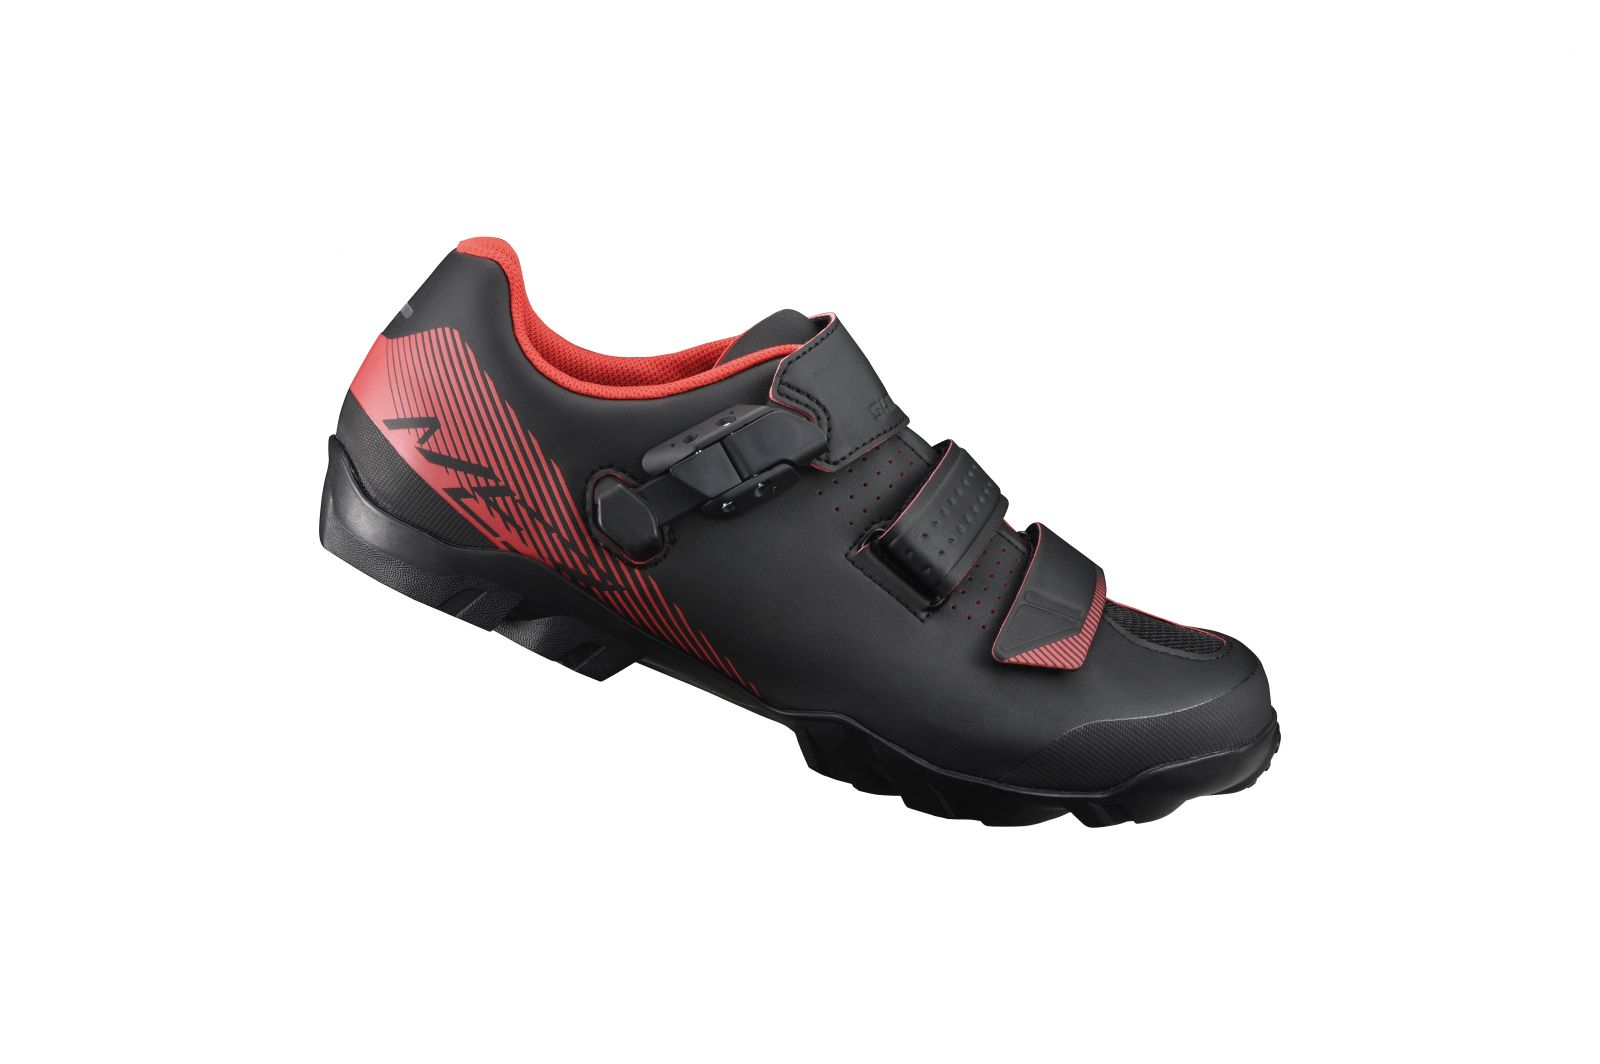 SHIMANO MTB obuv SH-ME300MO, černá oranžová, 46